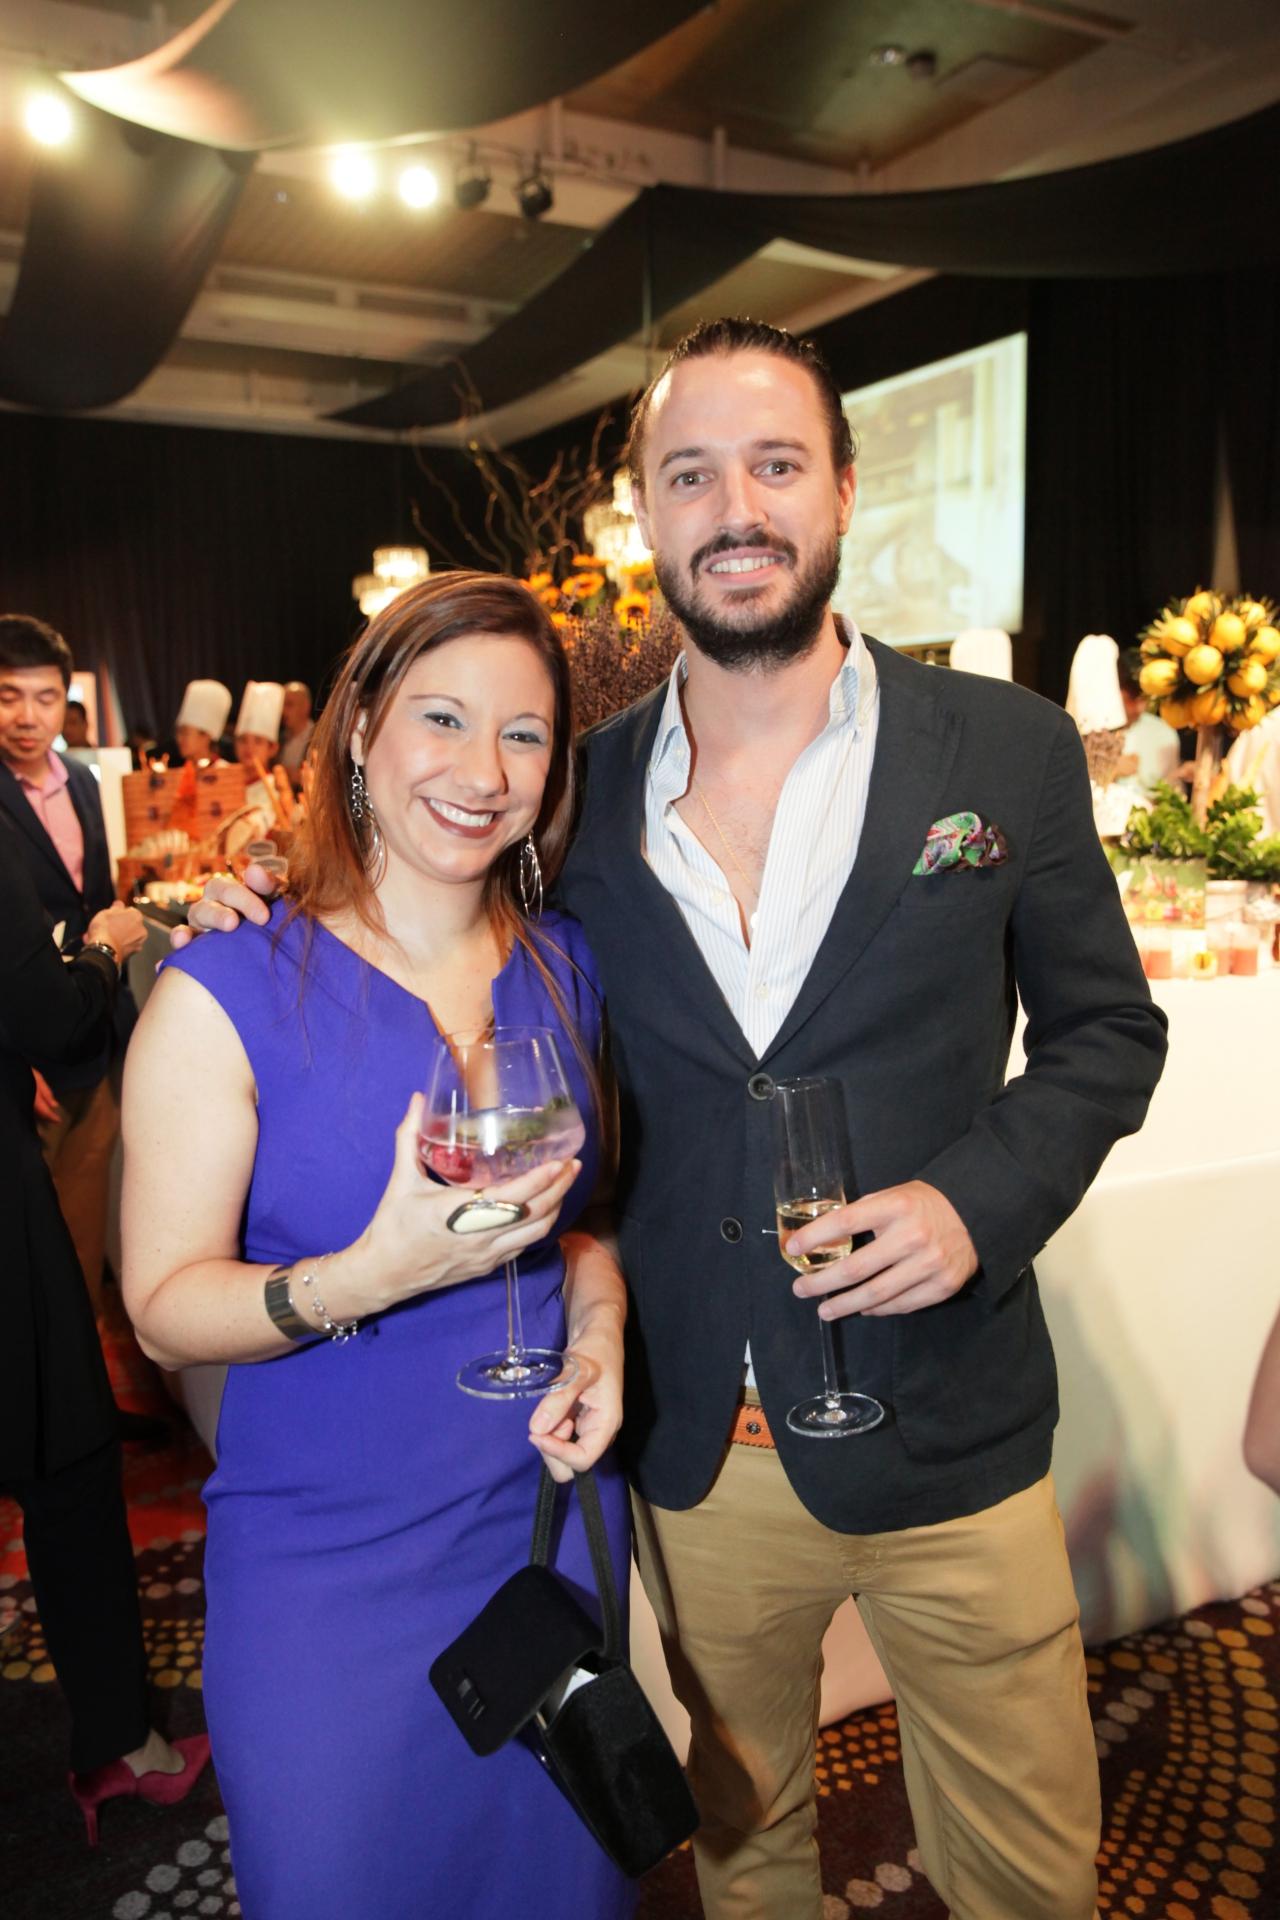 Patricia Lagman and Javi Odv